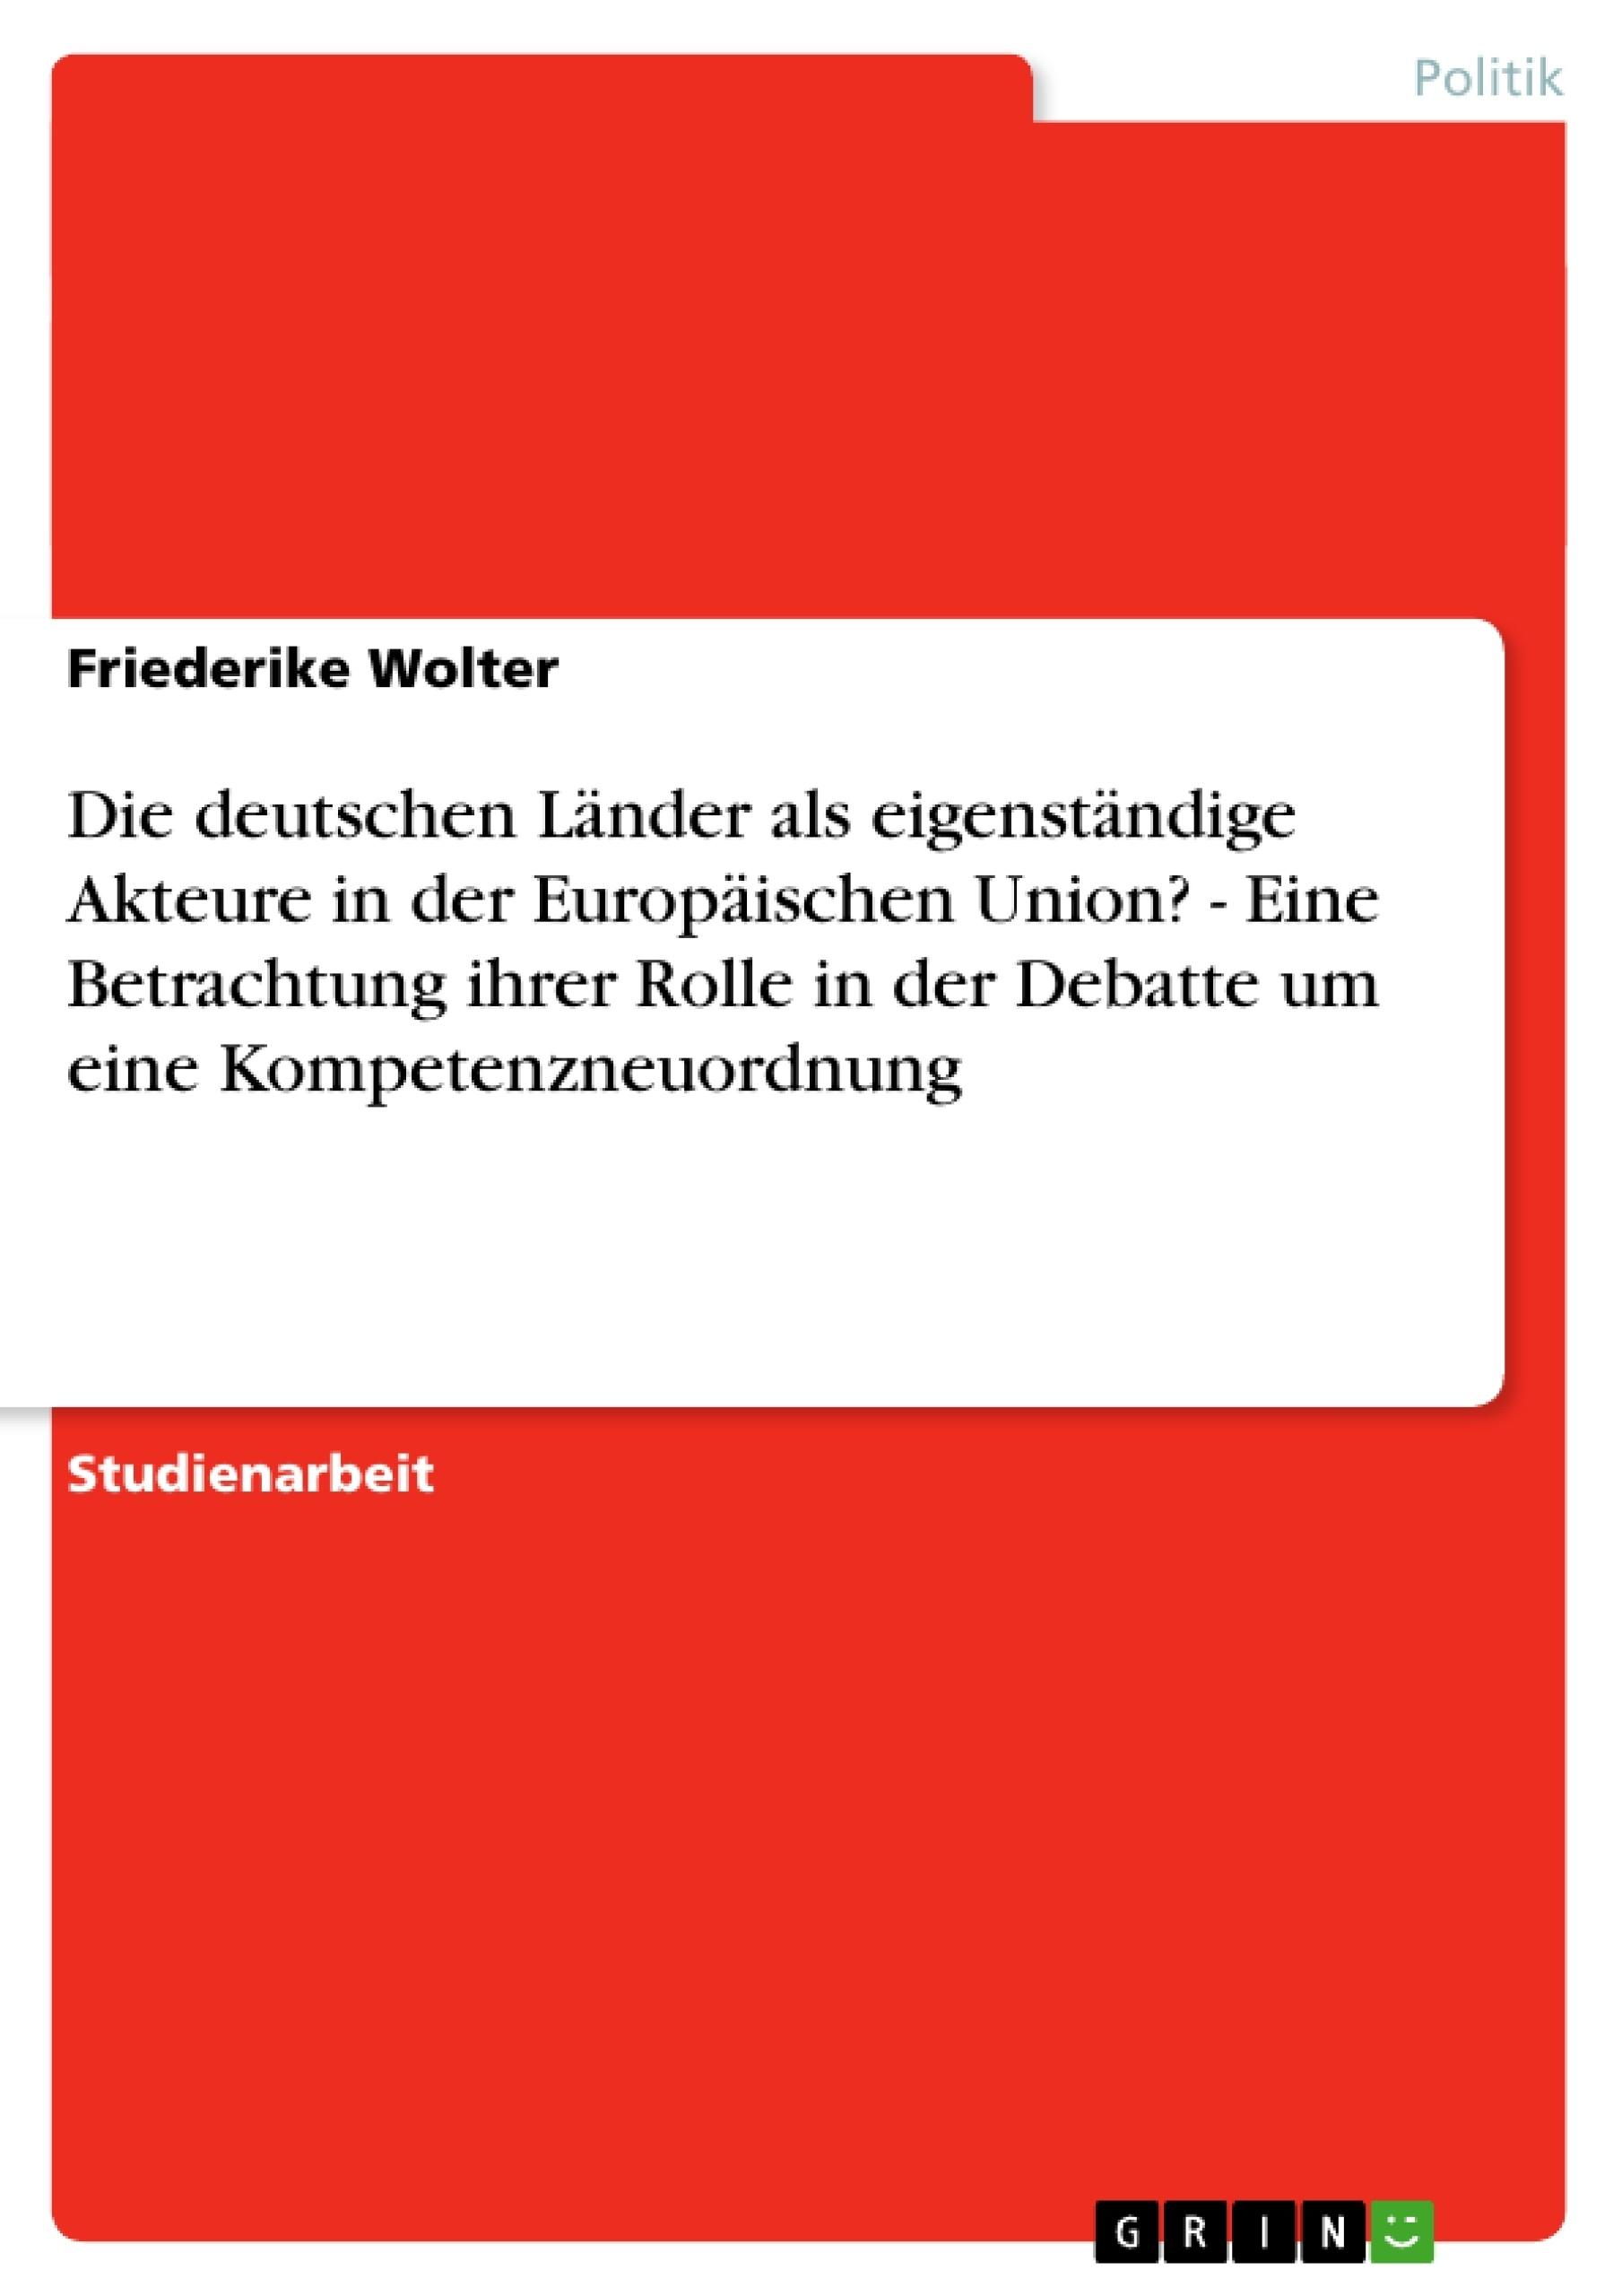 Titel: Die deutschen Länder als eigenständige Akteure in der Europäischen Union? -  Eine Betrachtung ihrer Rolle in der Debatte um eine Kompetenzneuordnung